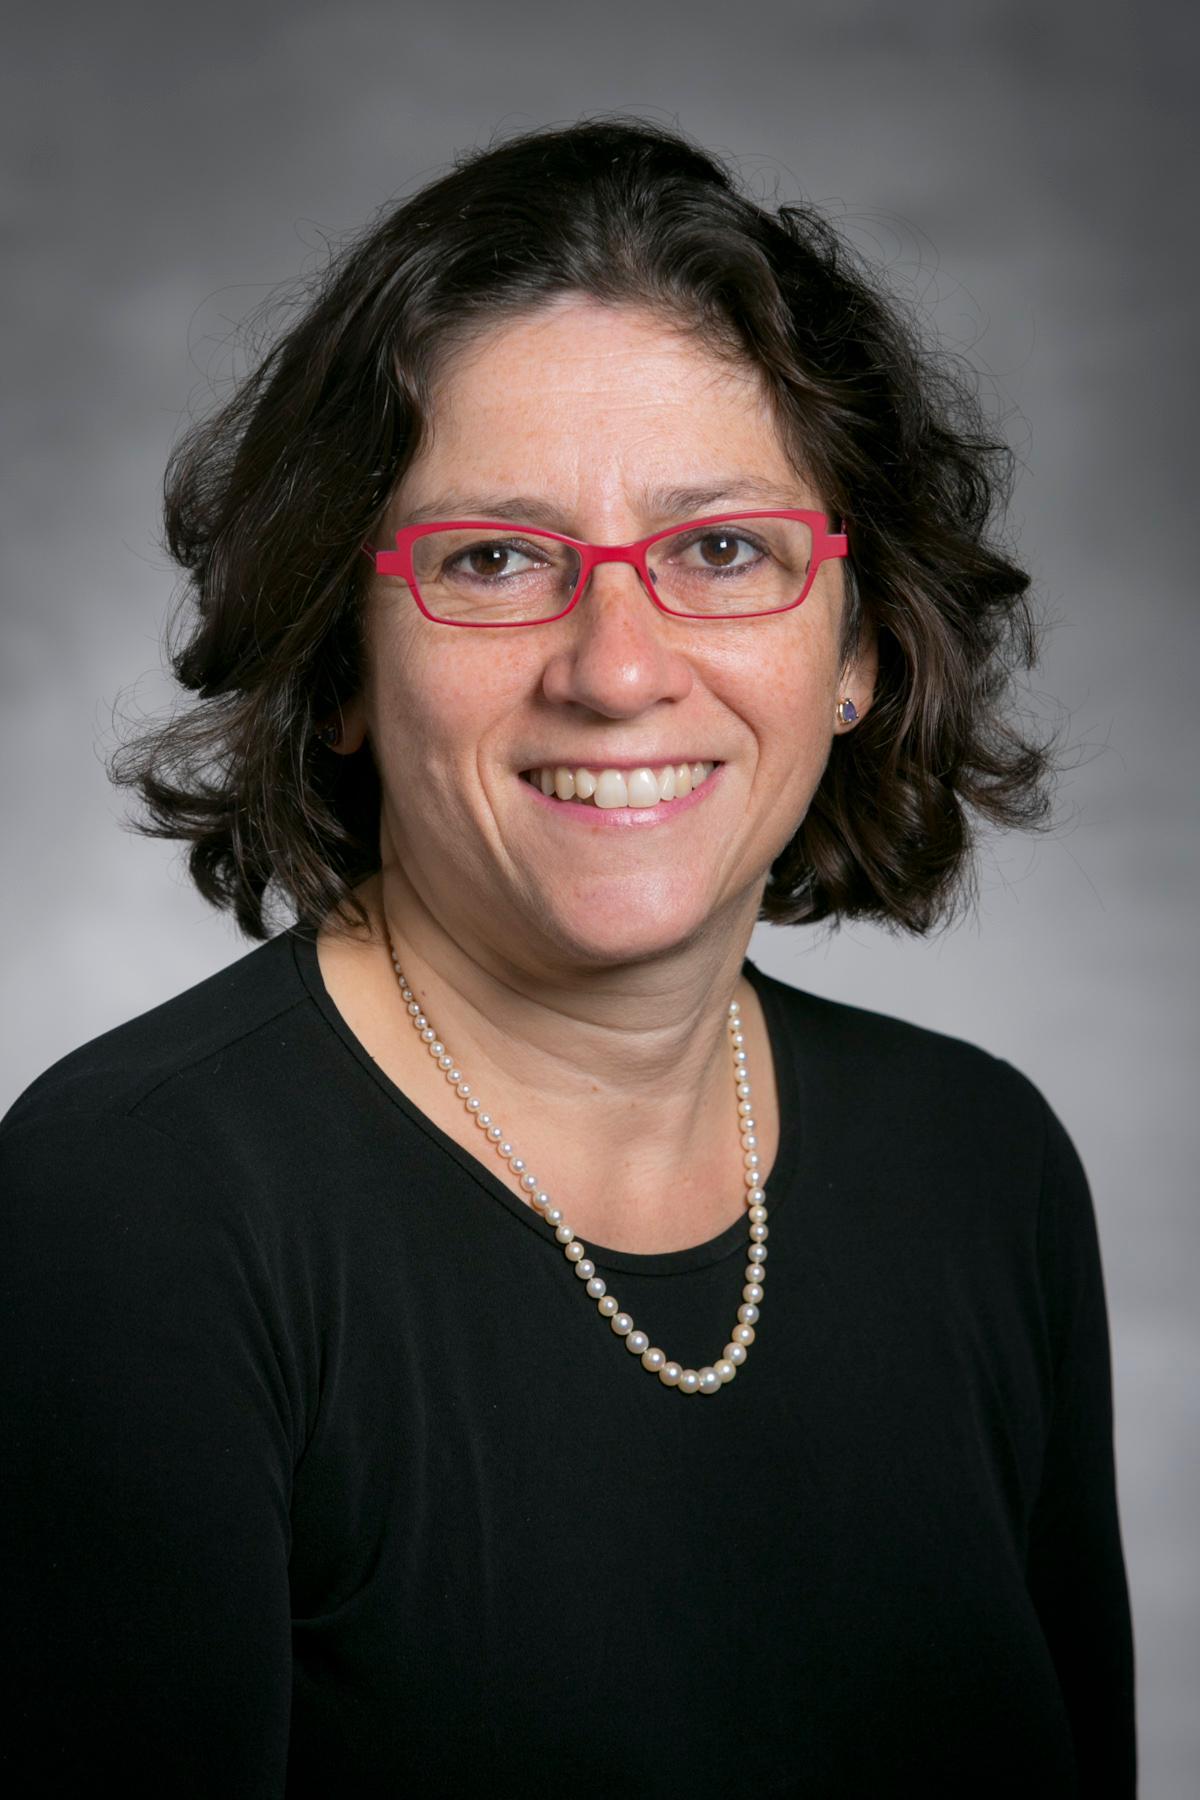 Erika Weinthal